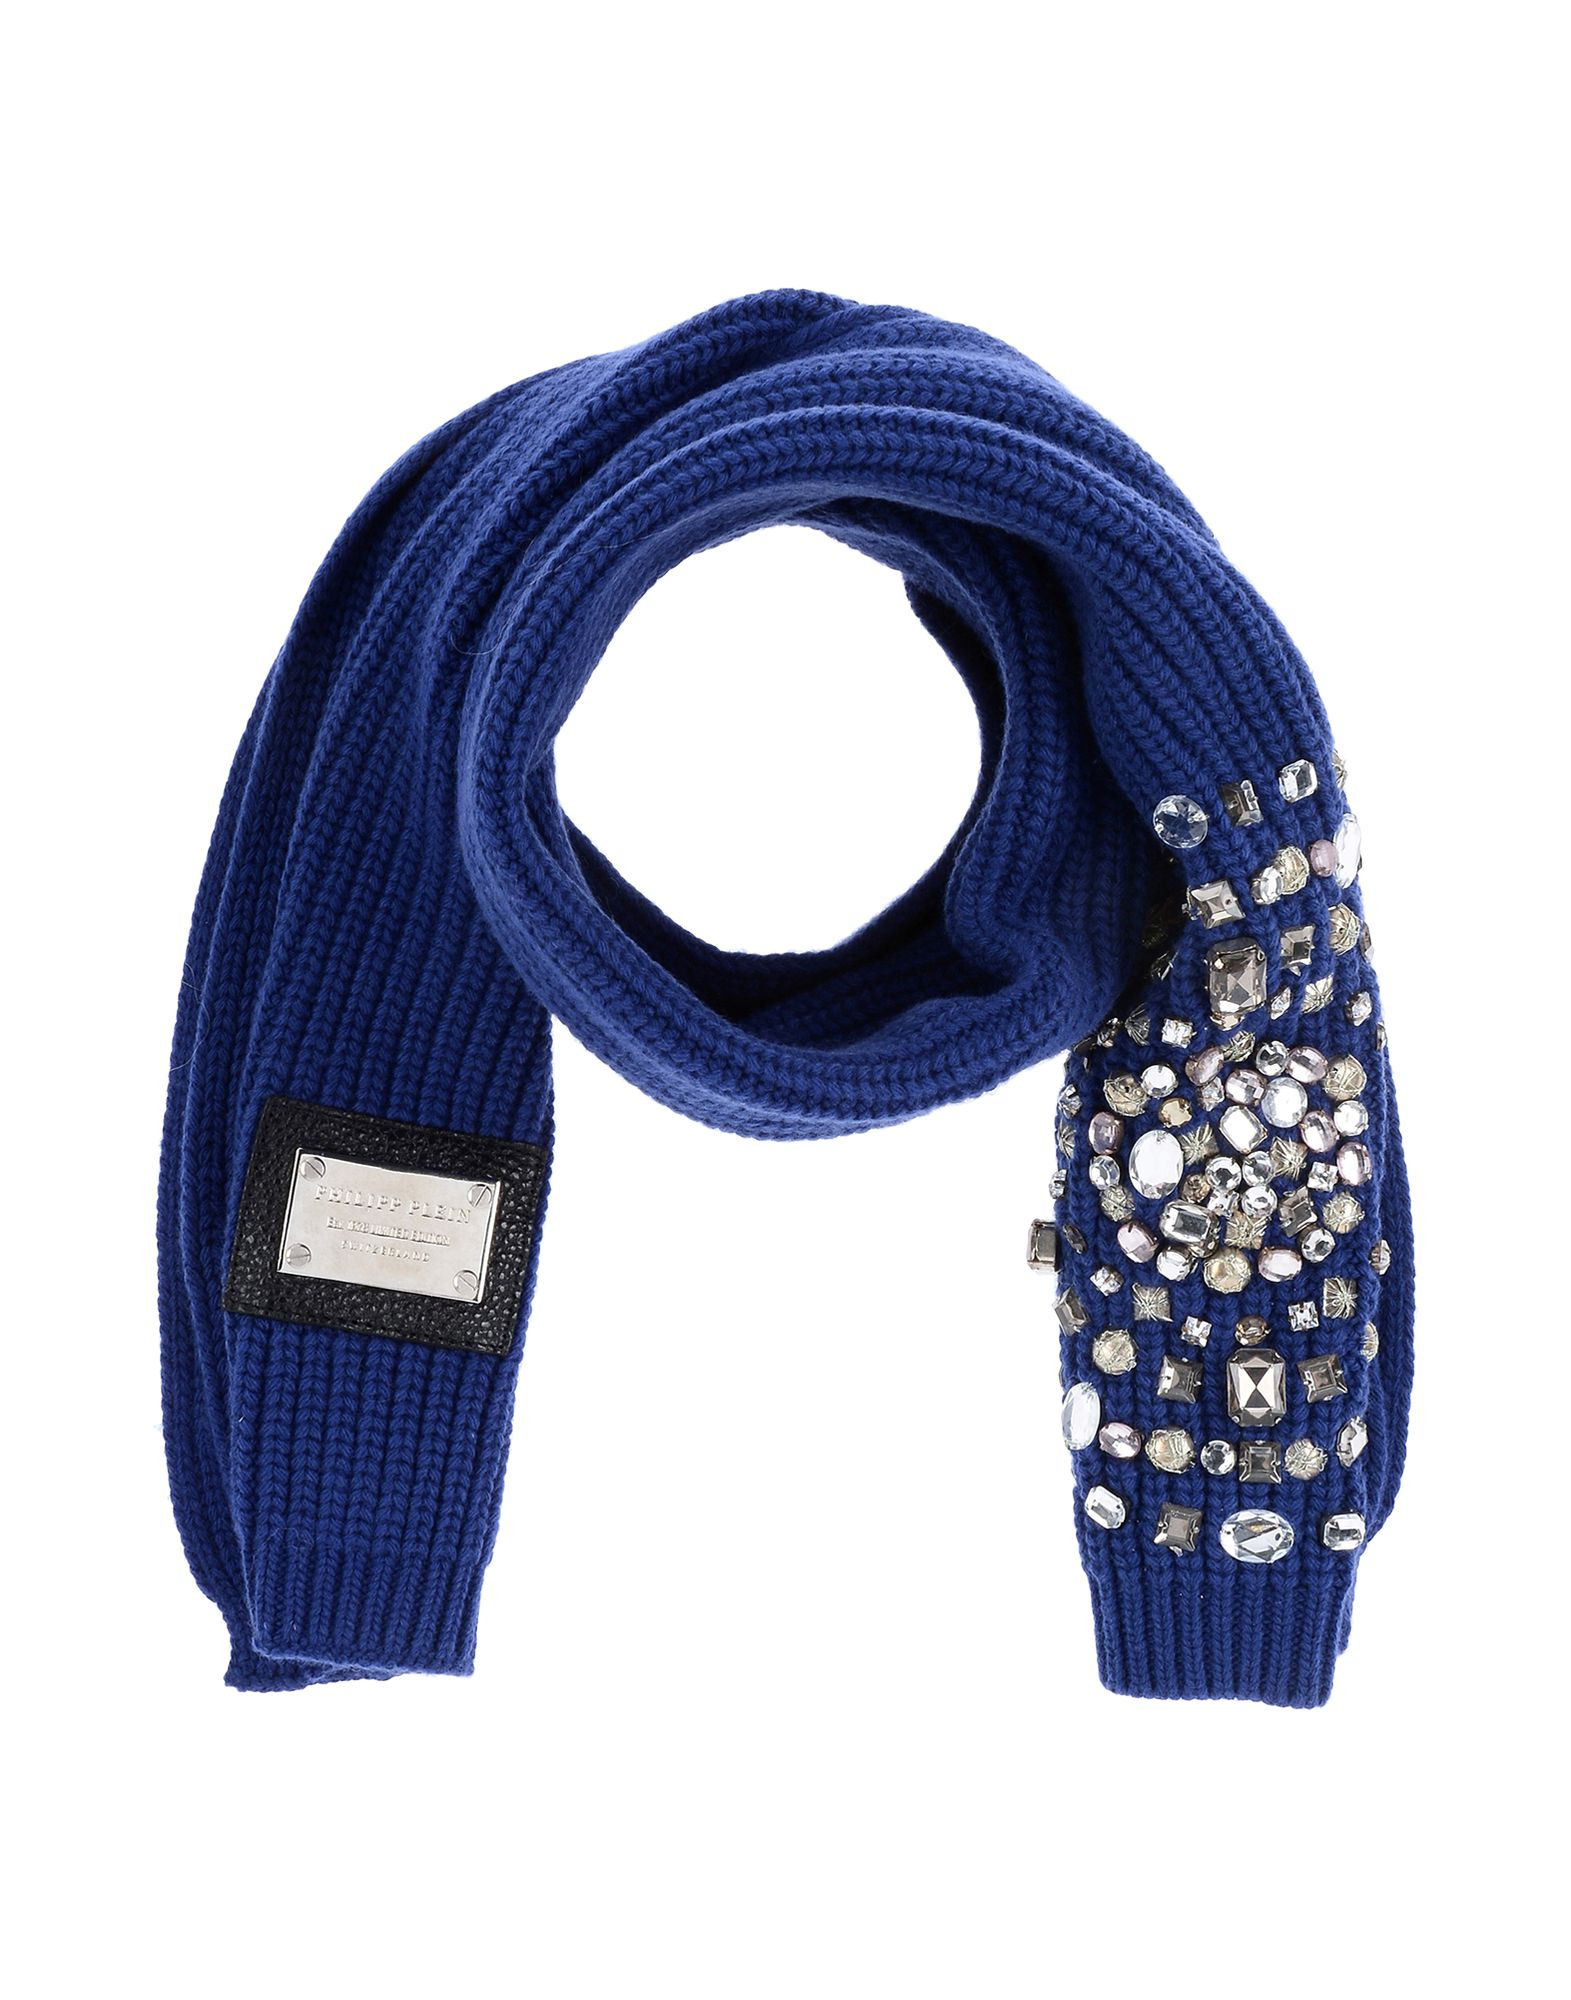 molto carino 8c53c 96994 PHILIPP PLEIN Colli e Sciarpe - Accessori | YOOX.COM